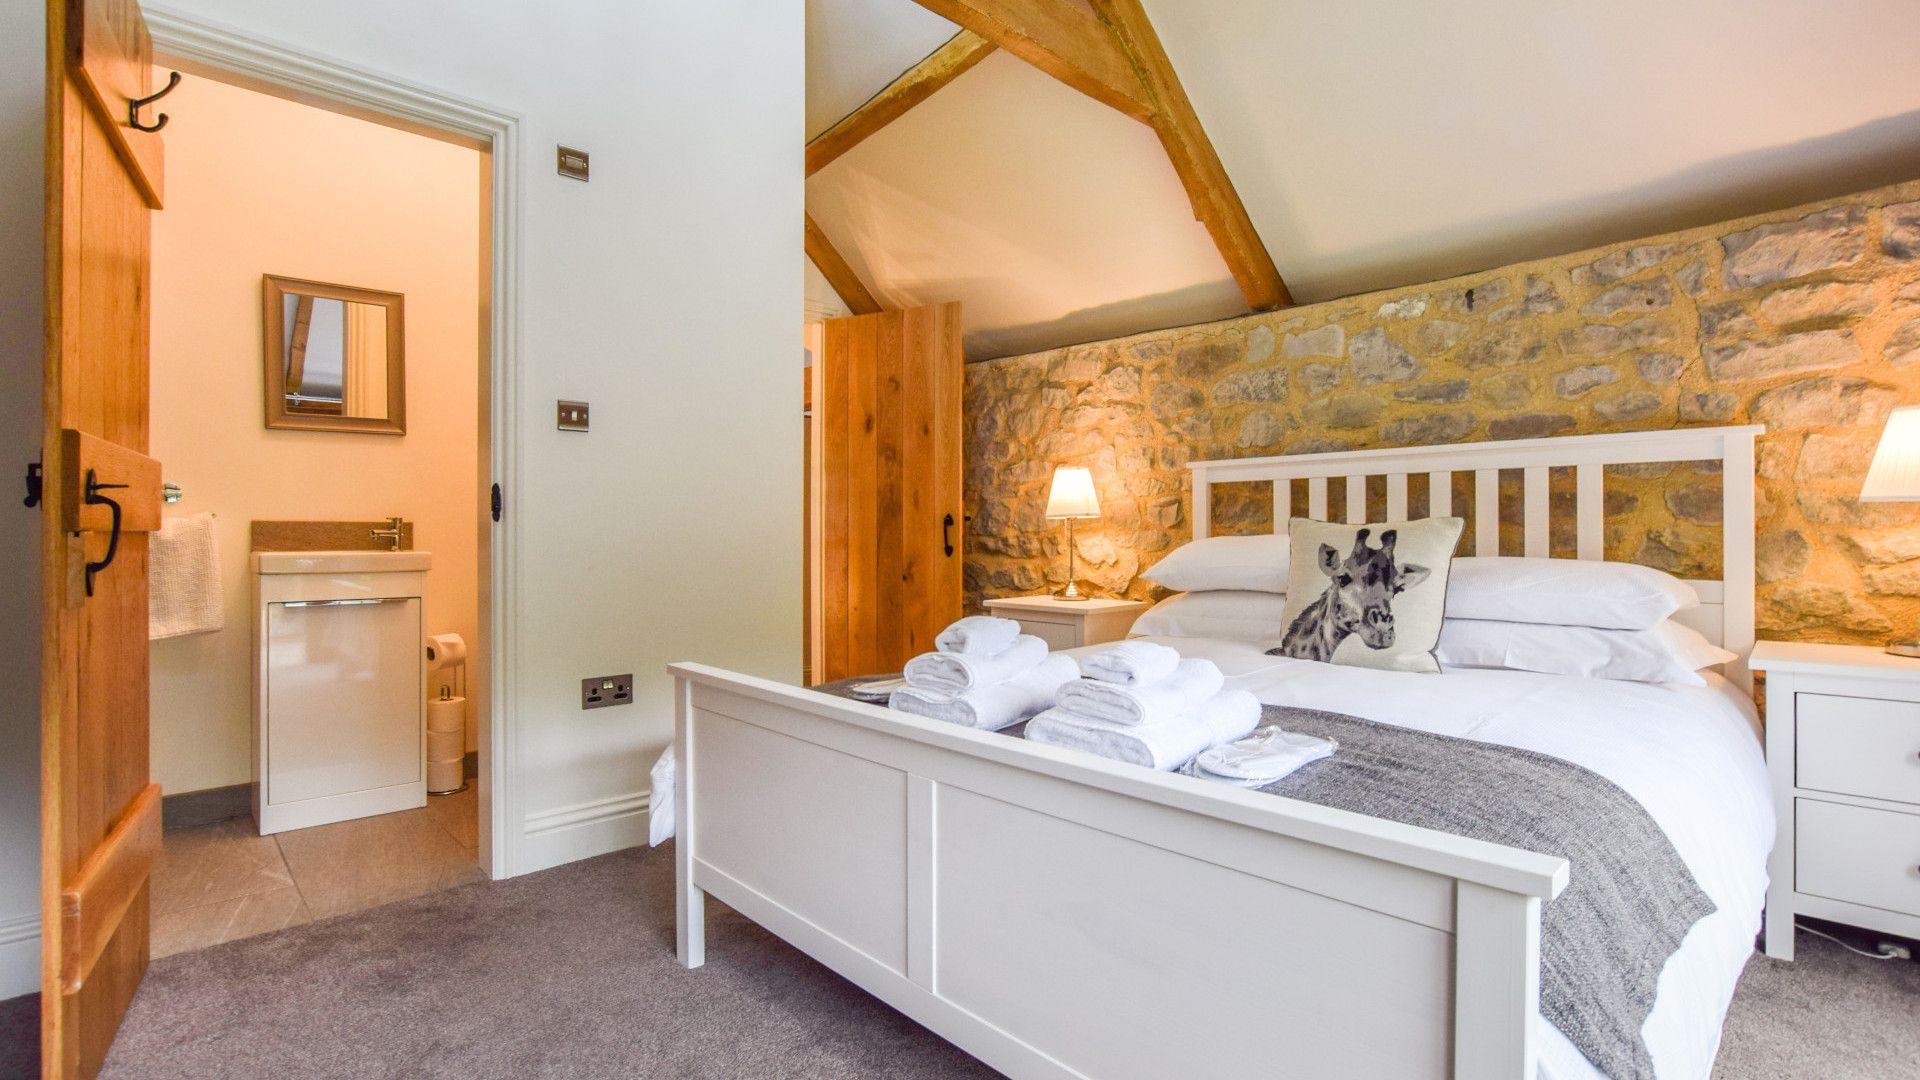 Bedroom 1, king-size, Tythe Barn at Avon Farm, Bolthole Retreats